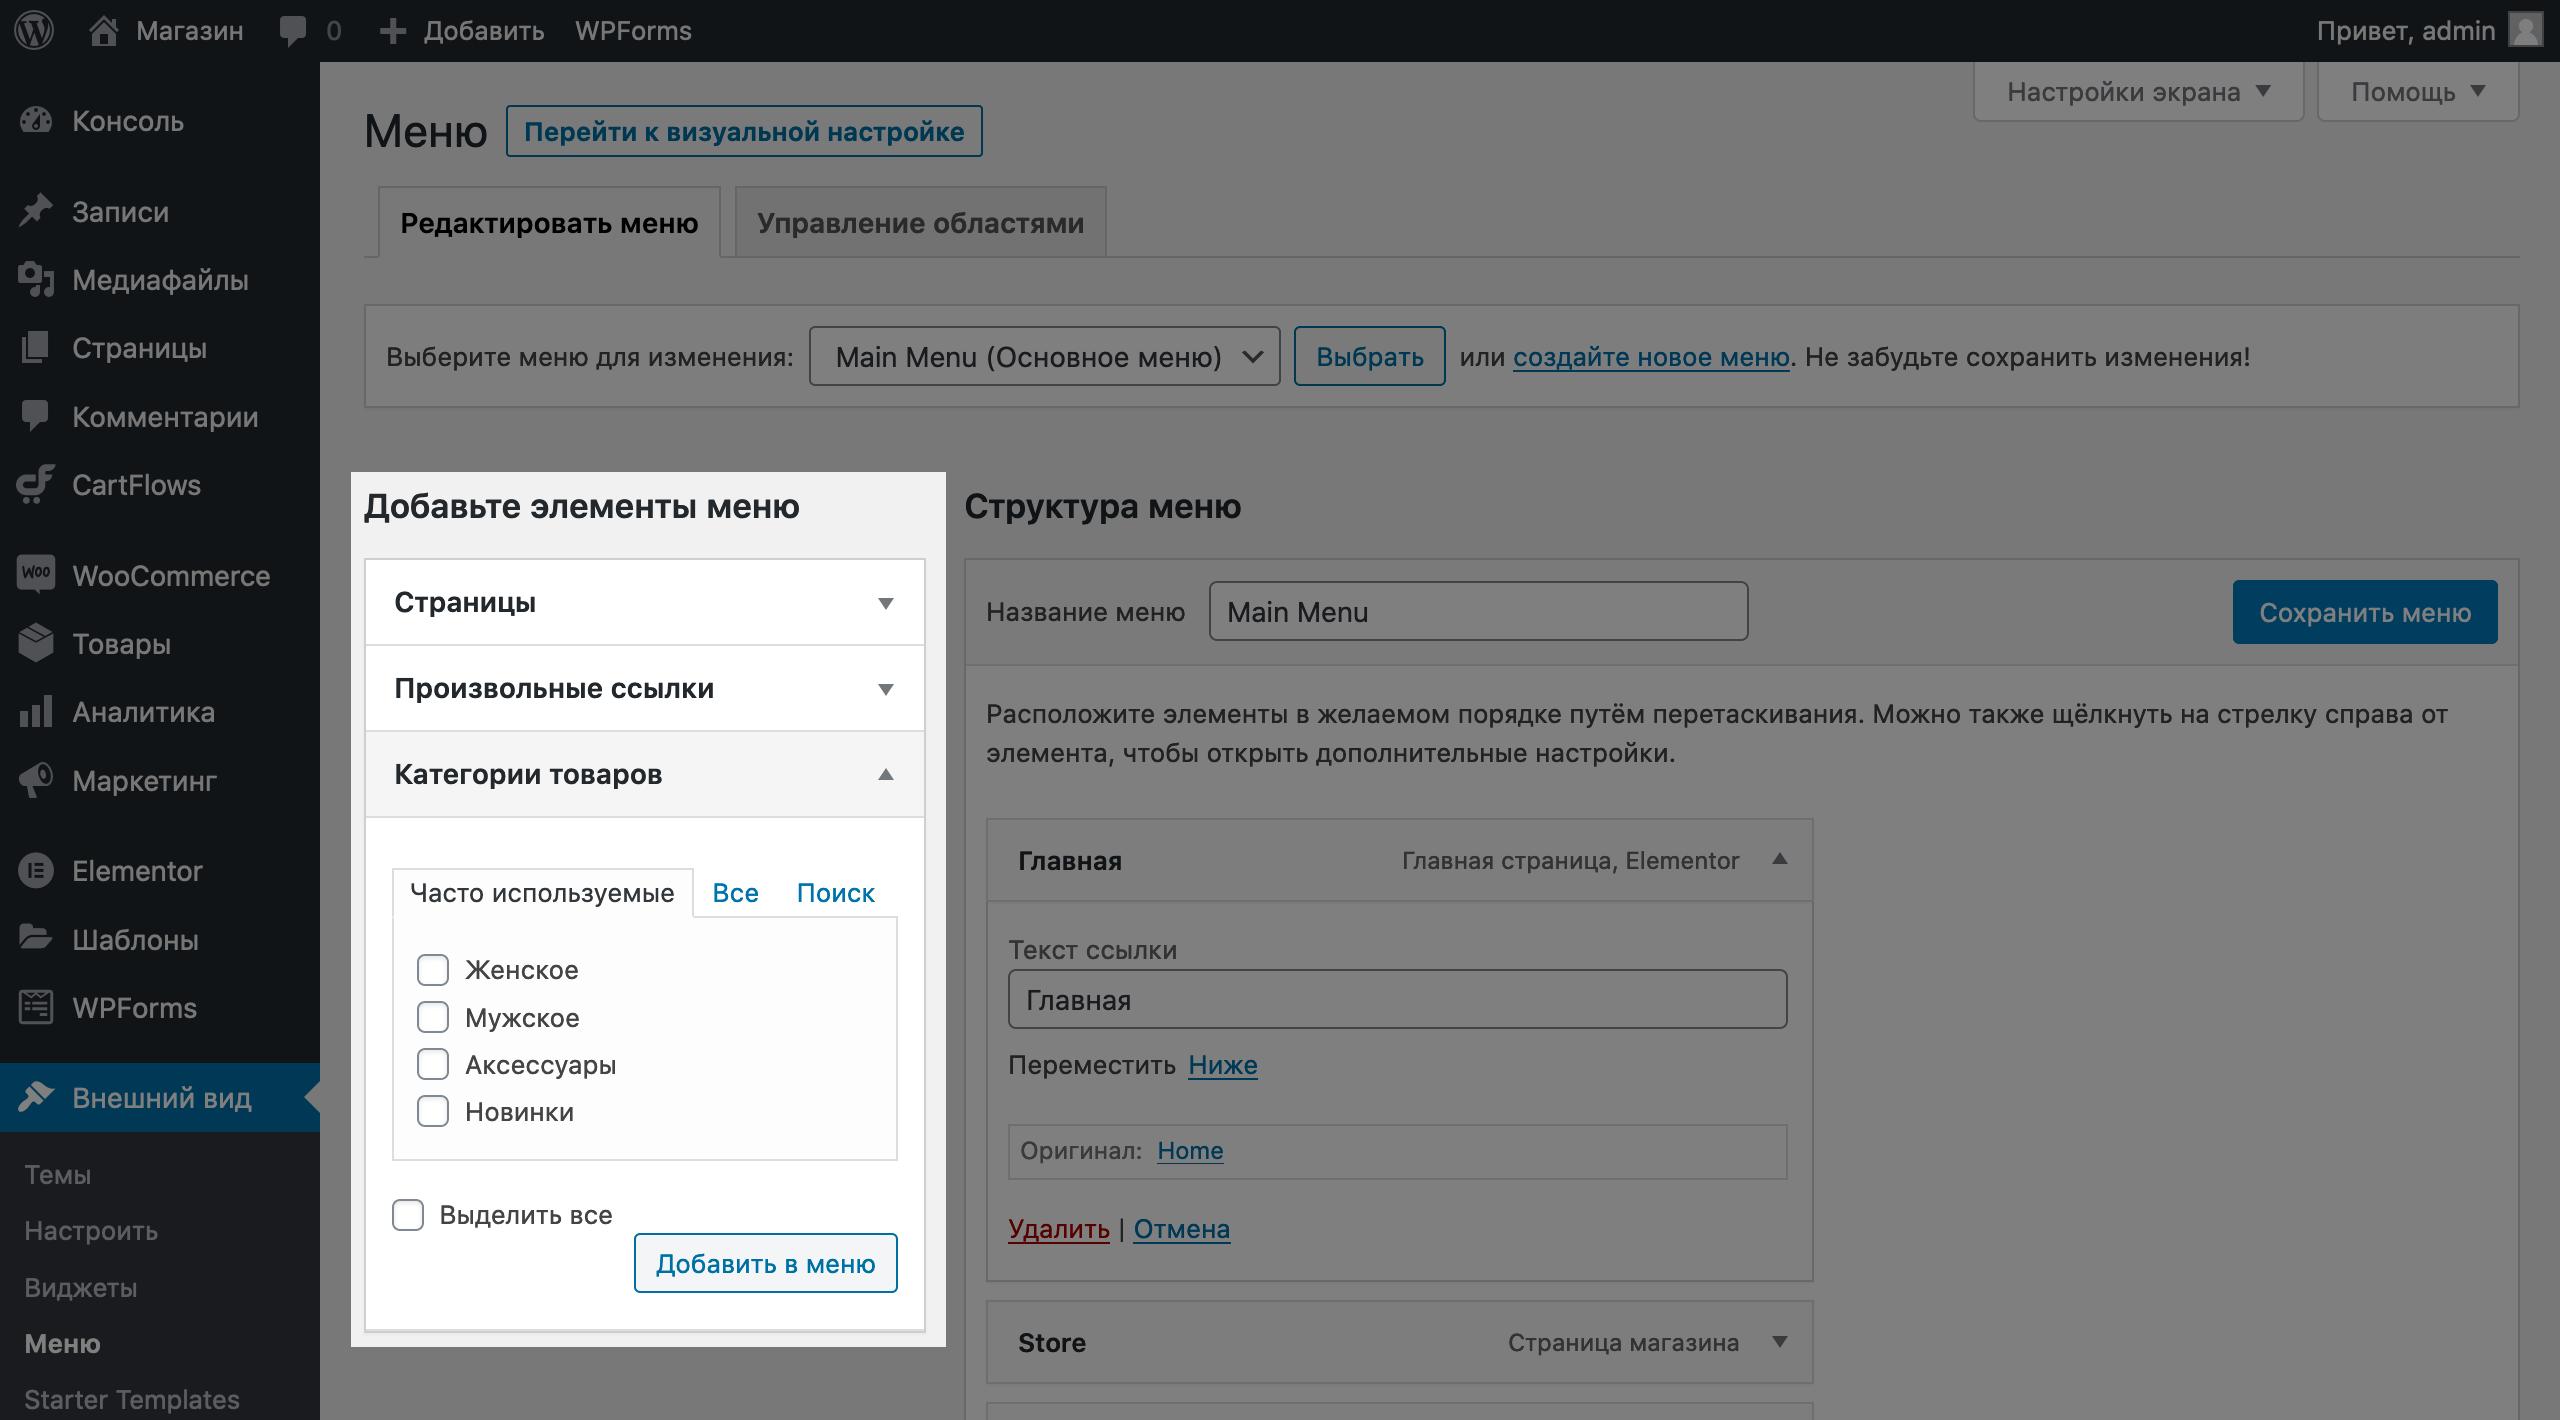 Делаем интернет-магазин на WordPress: добавление недостающих разделов в меню